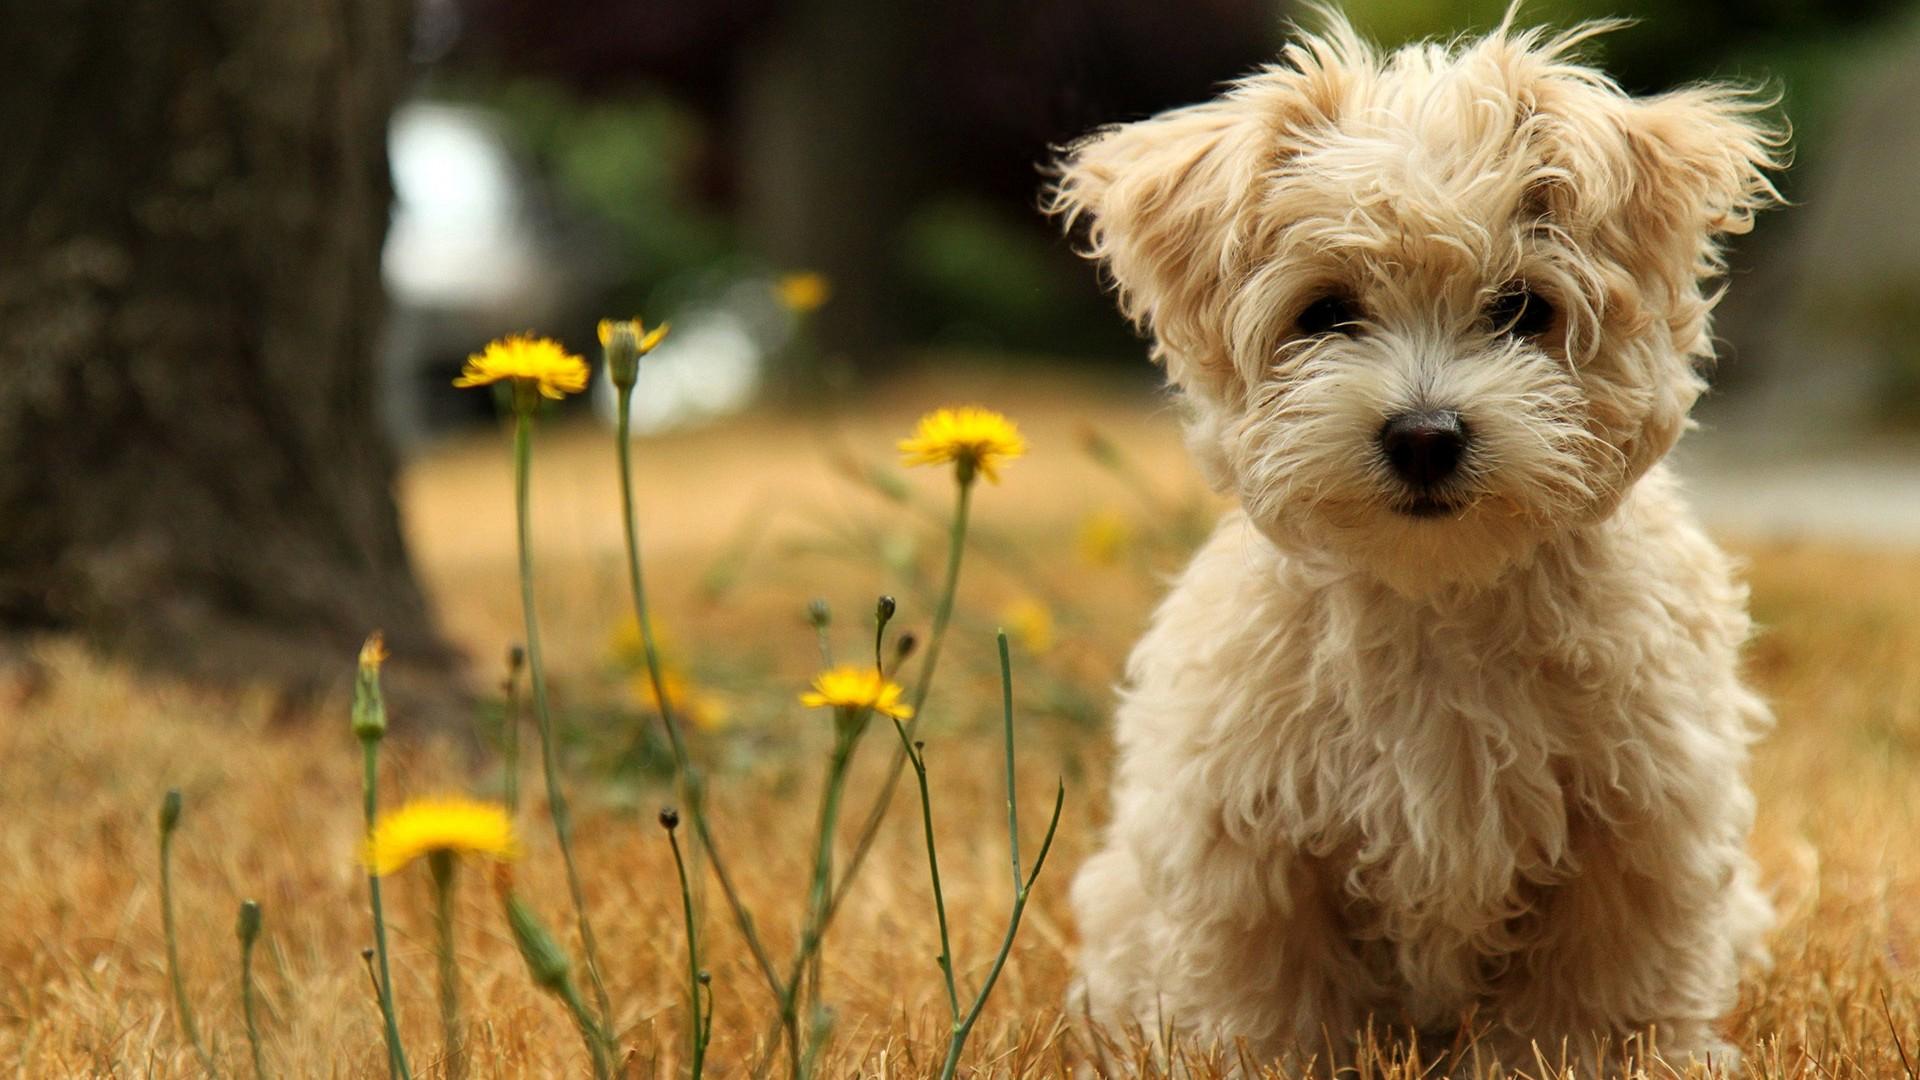 Cute Dogs #6